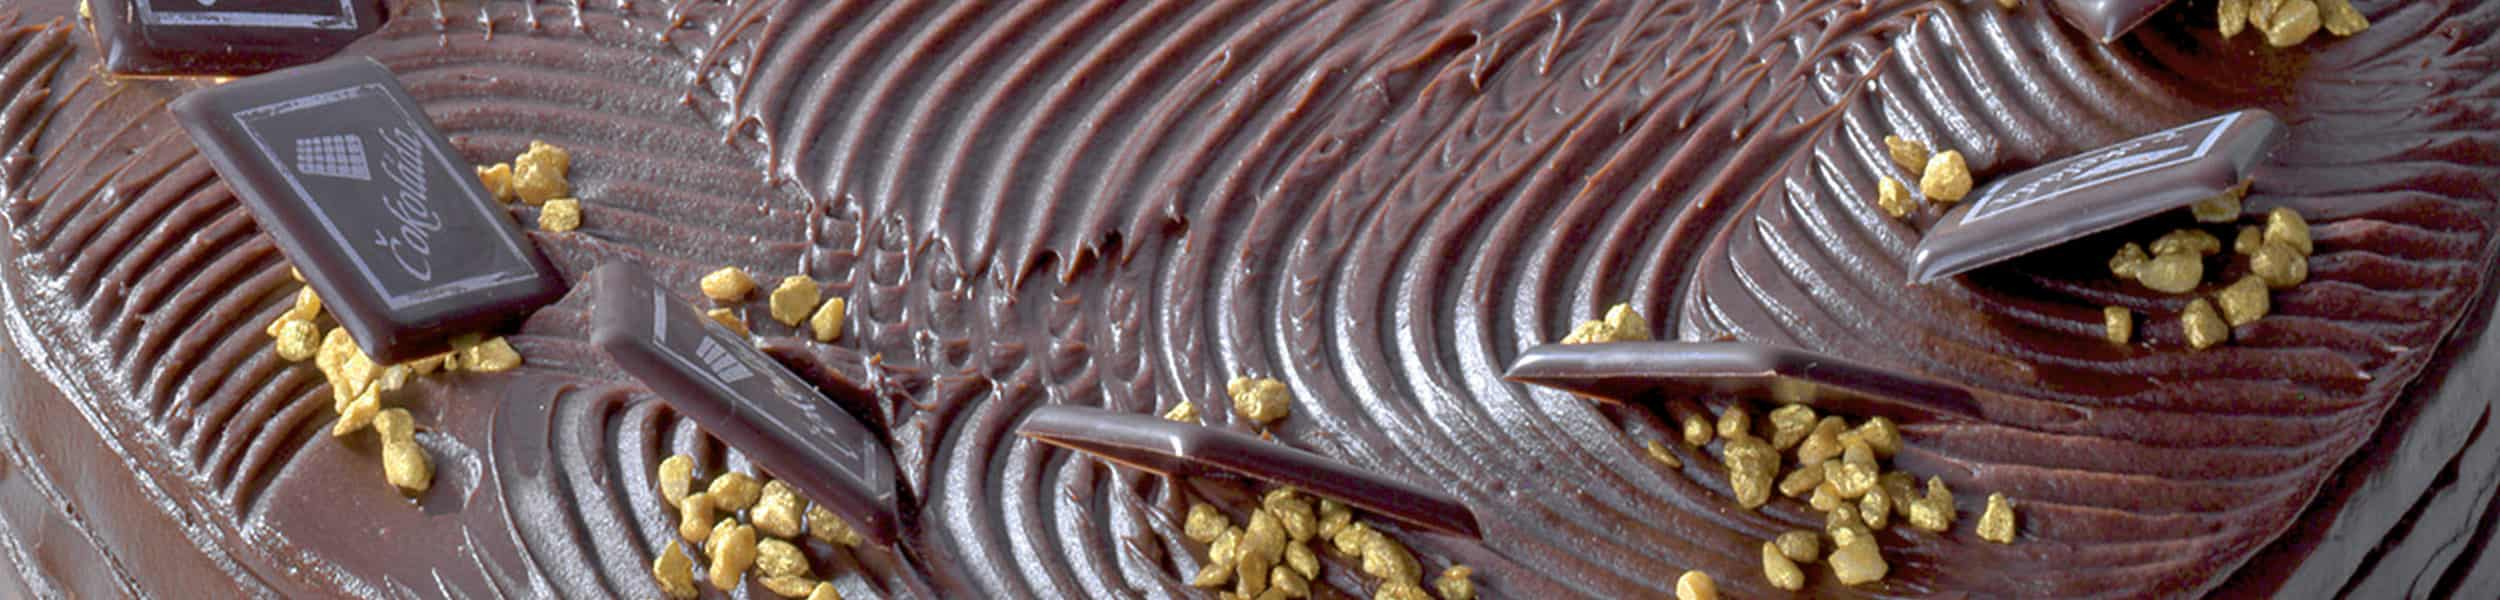 Čokoládový sen hlavička